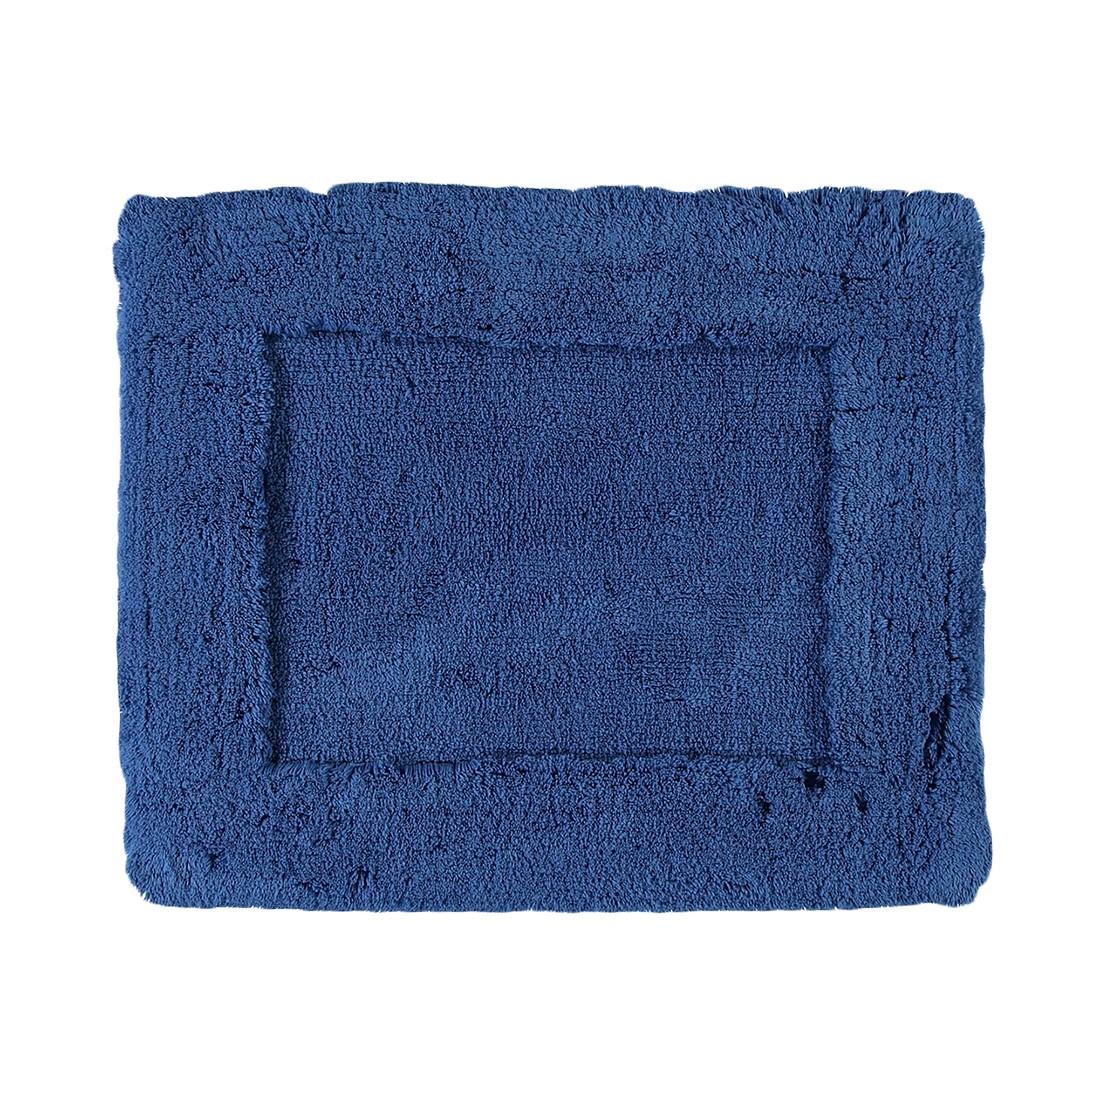 Badteppiche Unique – Baumwolle – Deep Blue – 50×60 cm, Vossen online bestellen